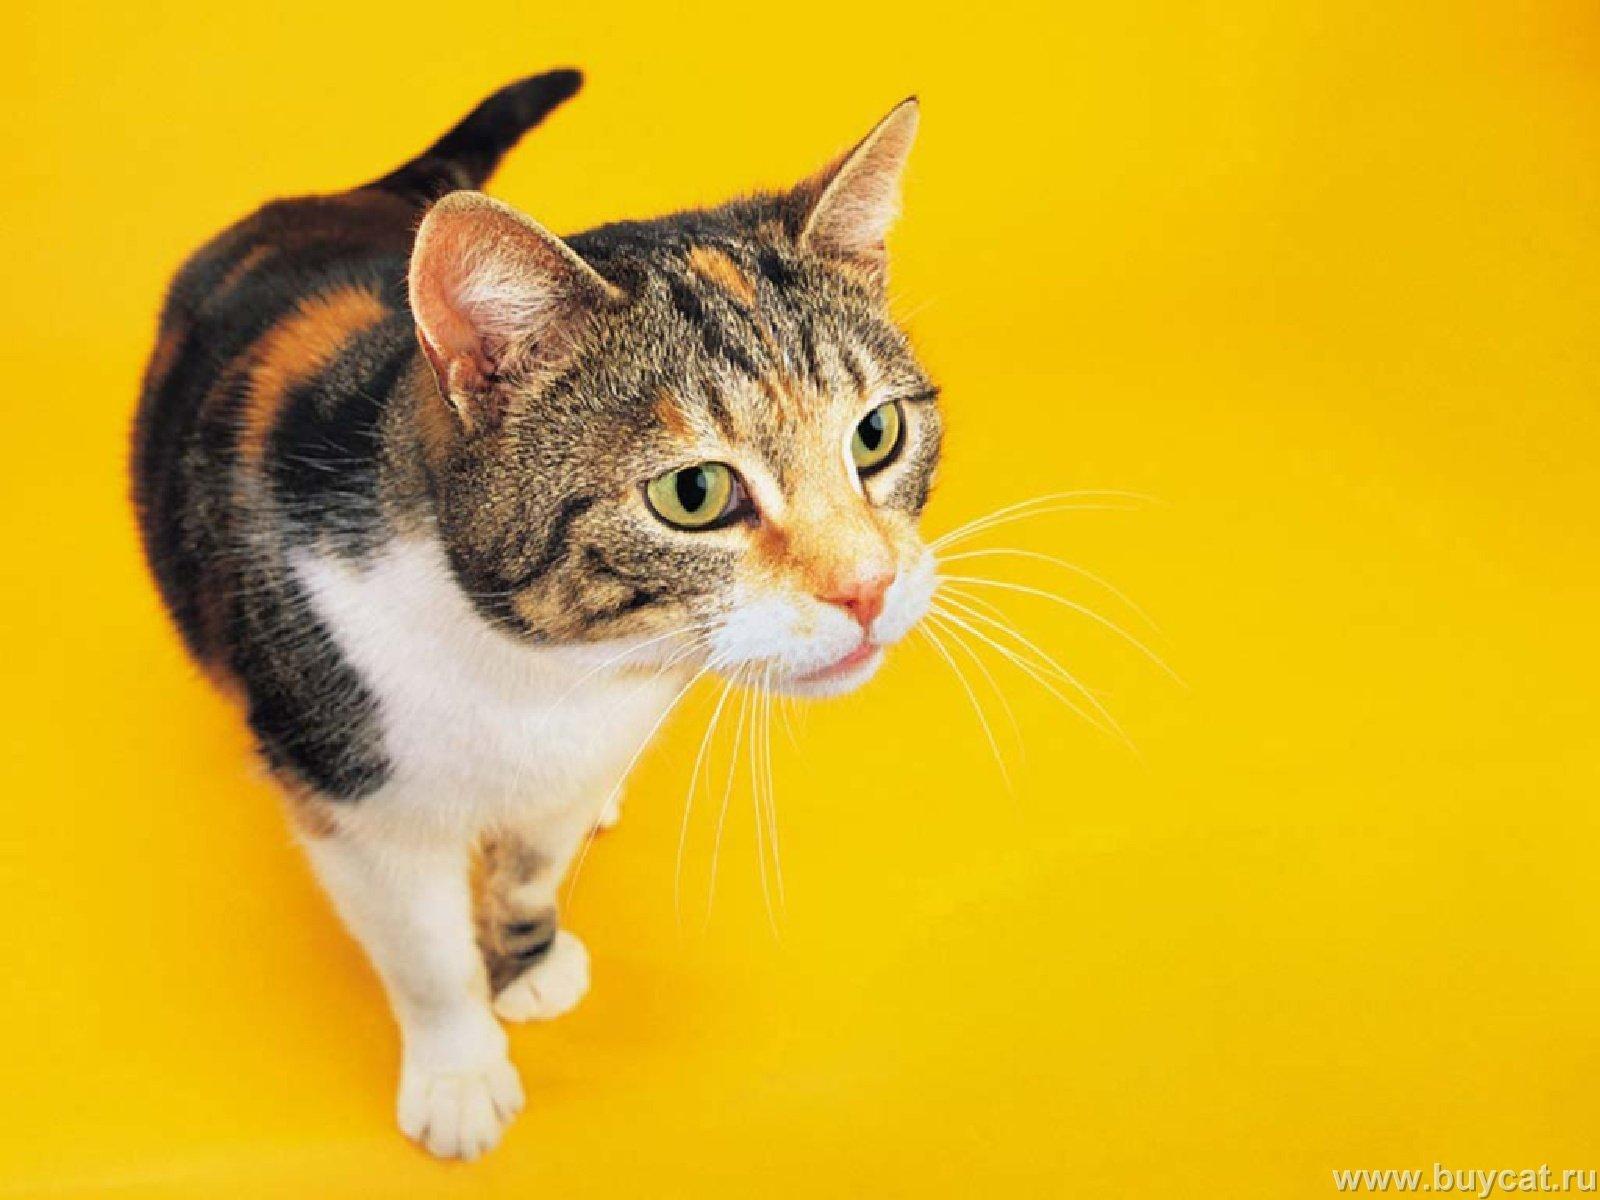 fun2draw 100 cats- cute winking cat meme